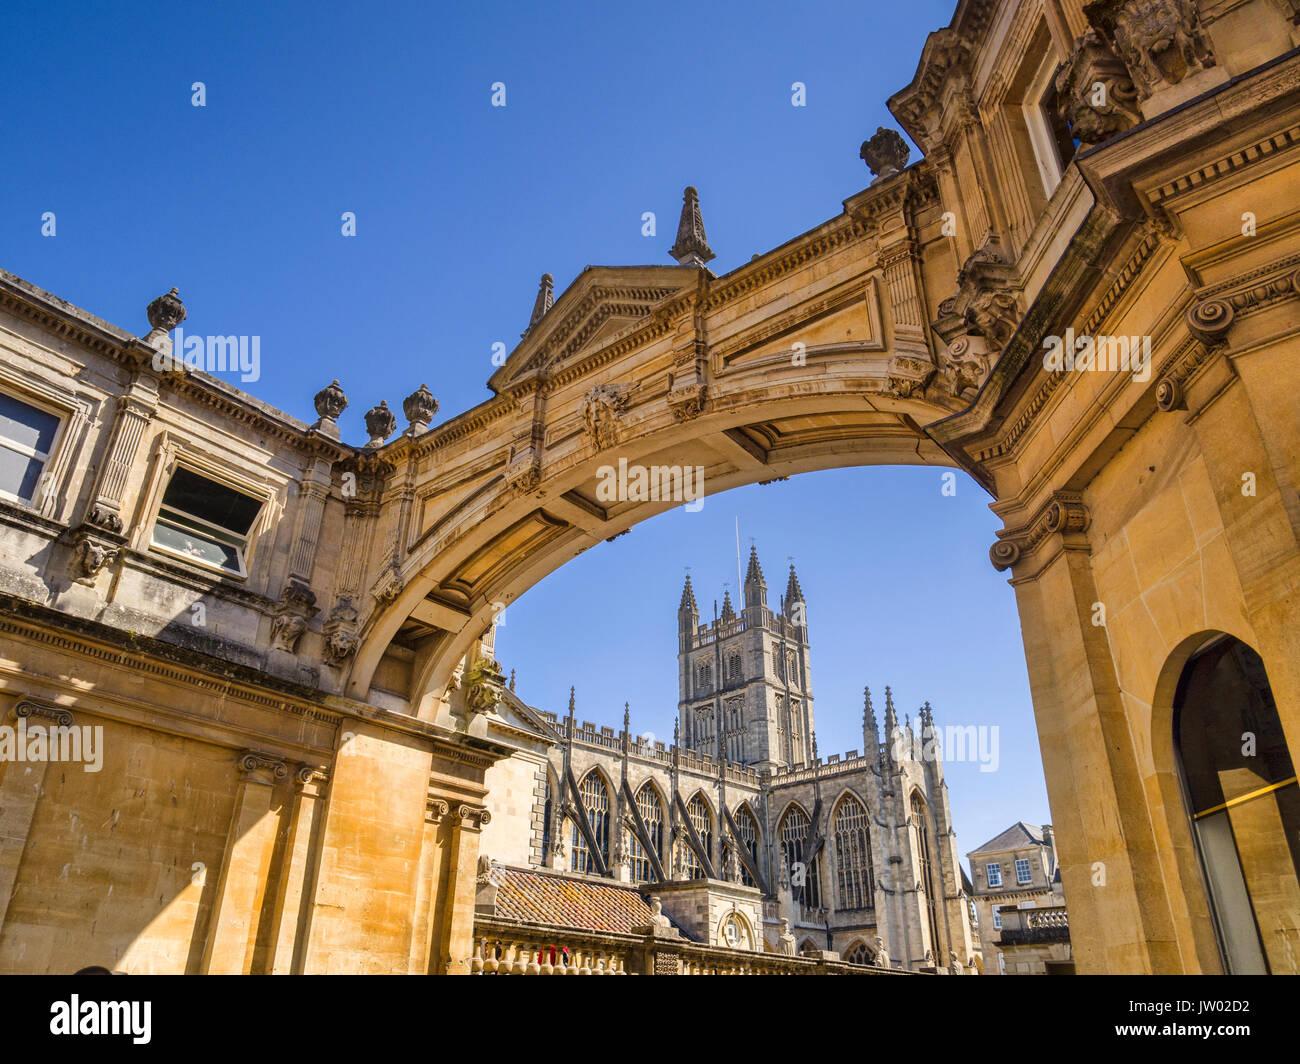 Bagno, Somerset, Inghilterra, Regno Unito - Abbazia di Bath visto attraverso la York Street Arch. Foto Stock